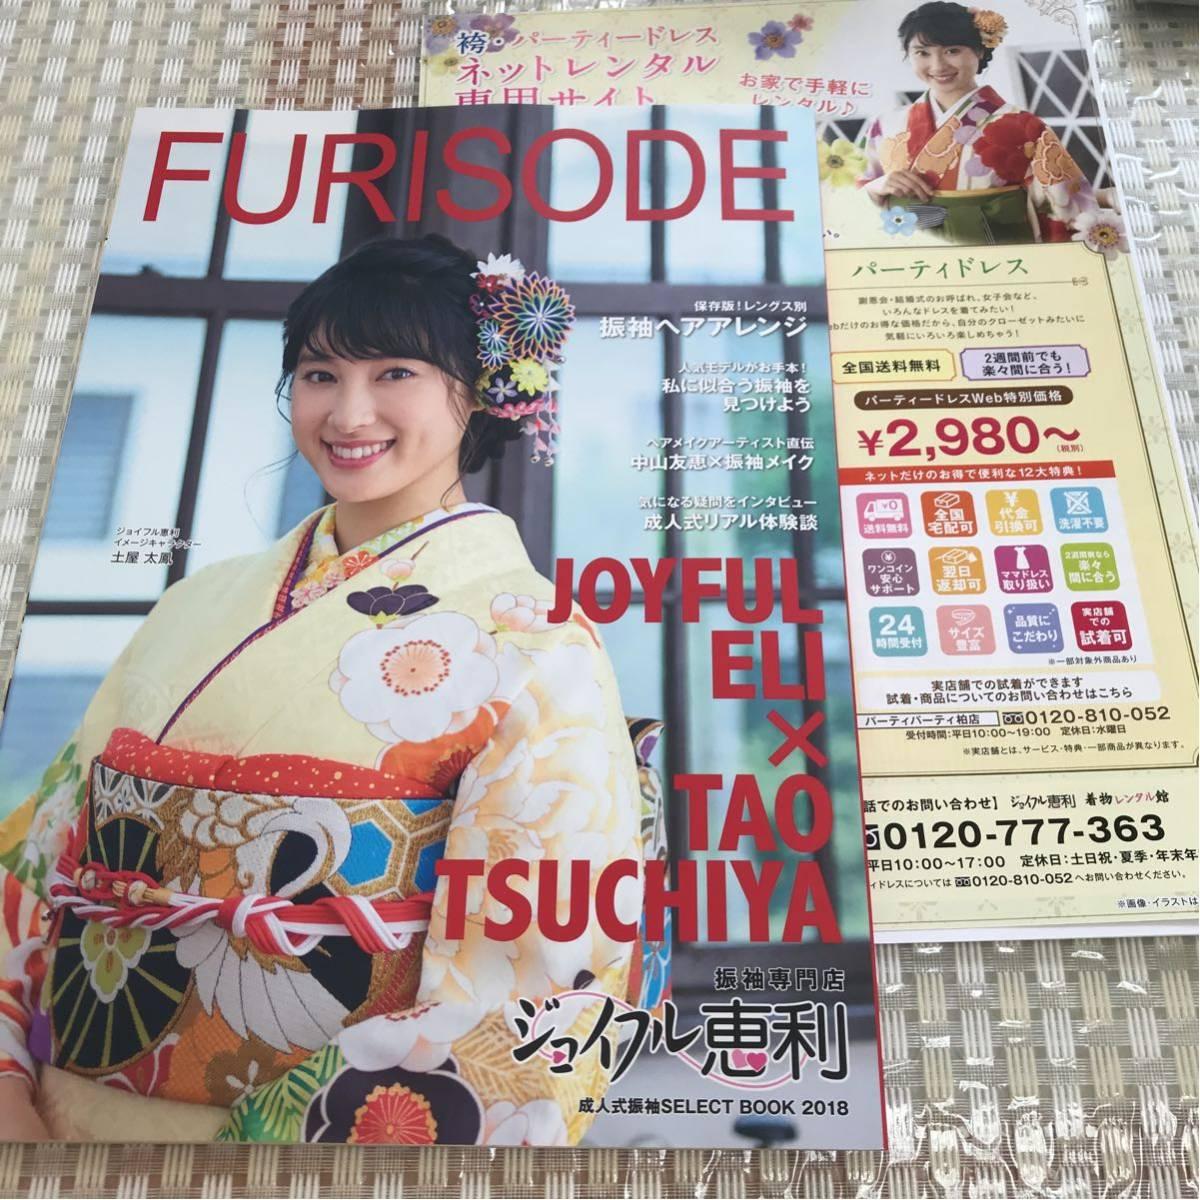 非売レア☆土屋太鳳 振袖 着物 カタログ☆写真集 表紙 和服グラビア47p